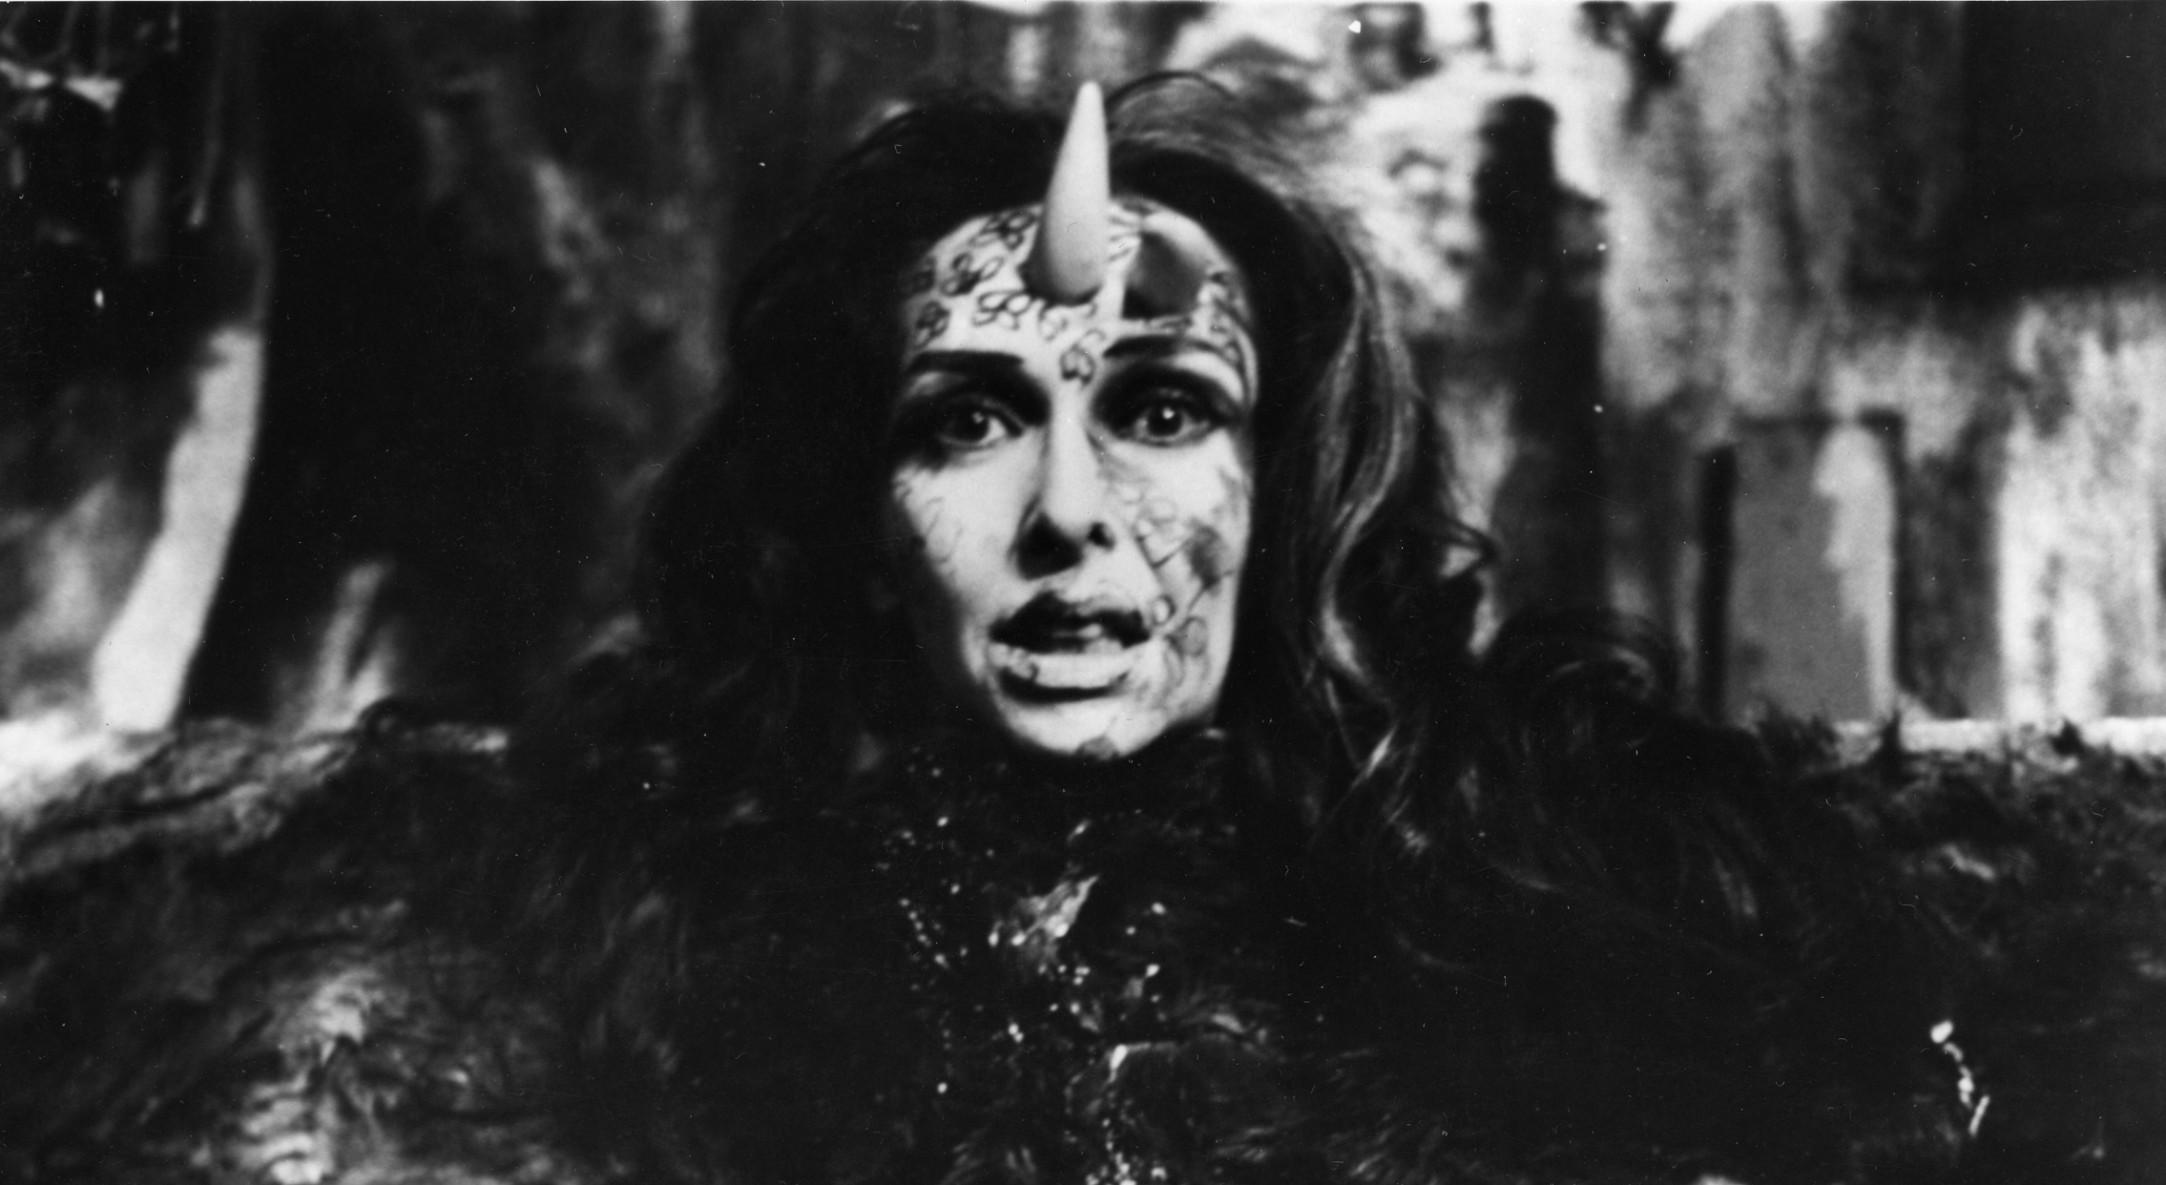 Detail of Carolee Schneemann, Eye Body - 36 Transformative Actions, 1963, Gelatin silver print, 61 x 50.8 cm, 24 x 20 in